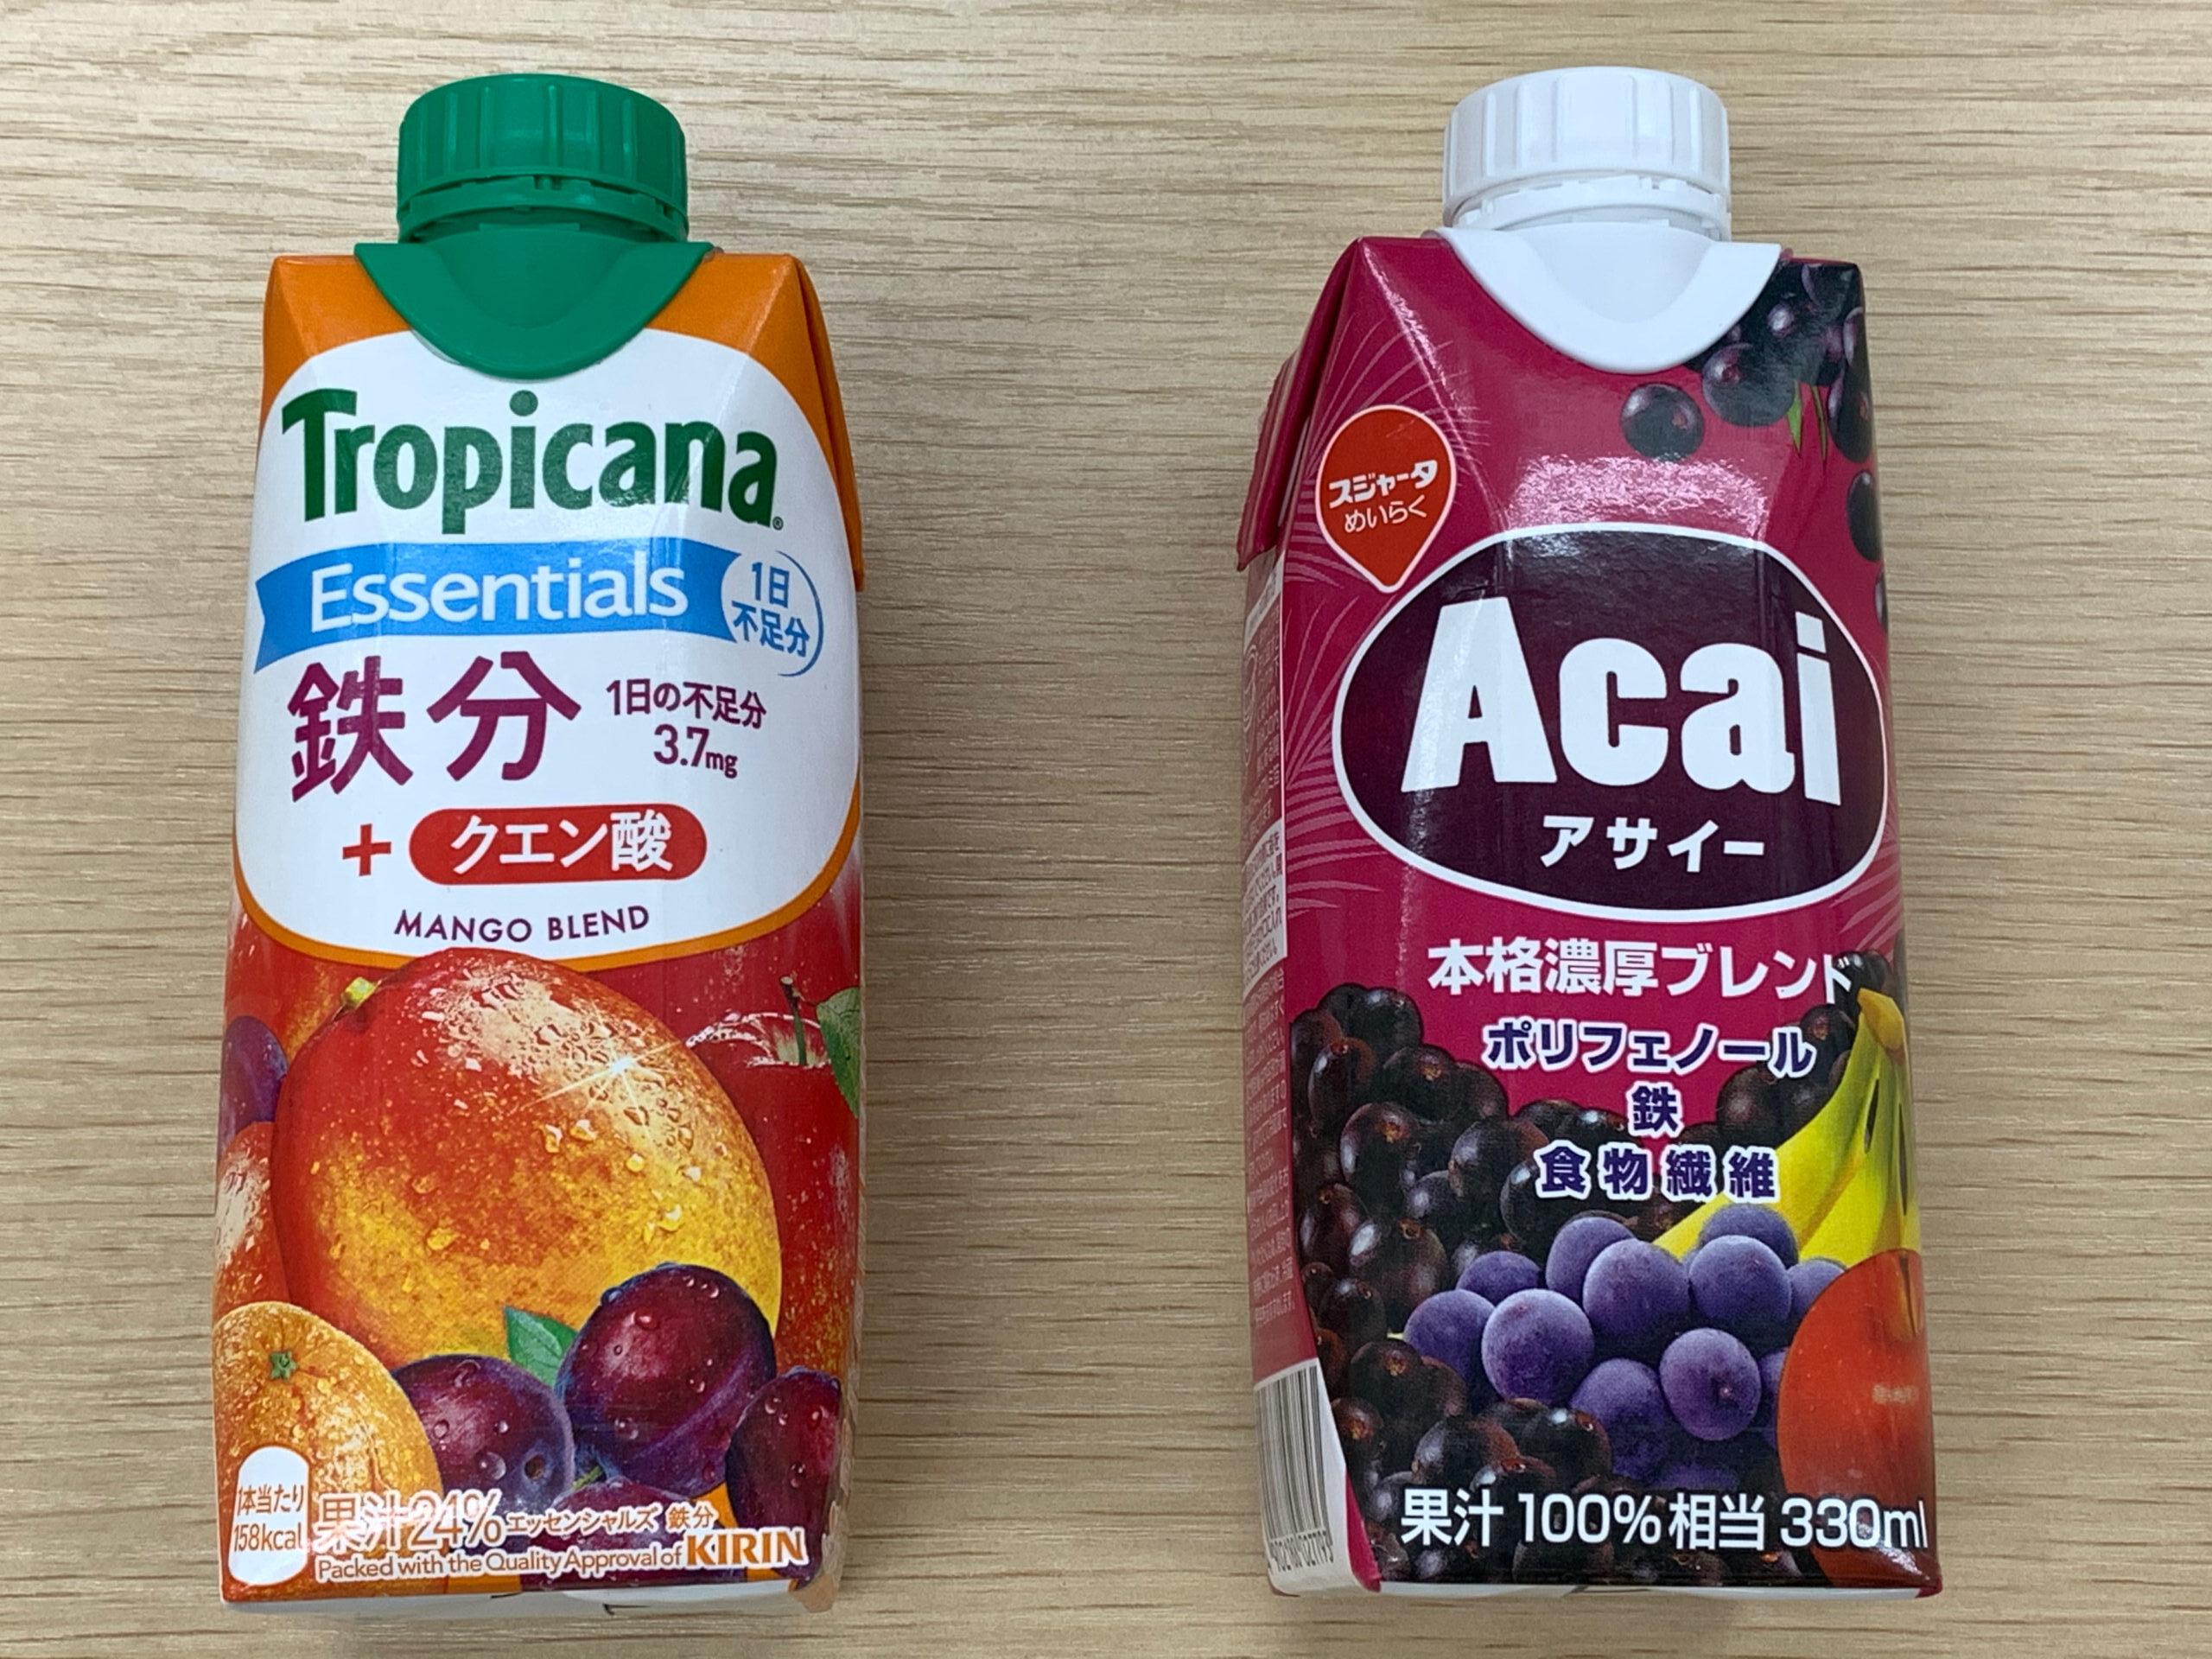 【Tropicana Essentialsの鉄分+クエン酸とスジャータめいらくのアサイー】栄養飲料で胃腸が少し休まるのか試してみました